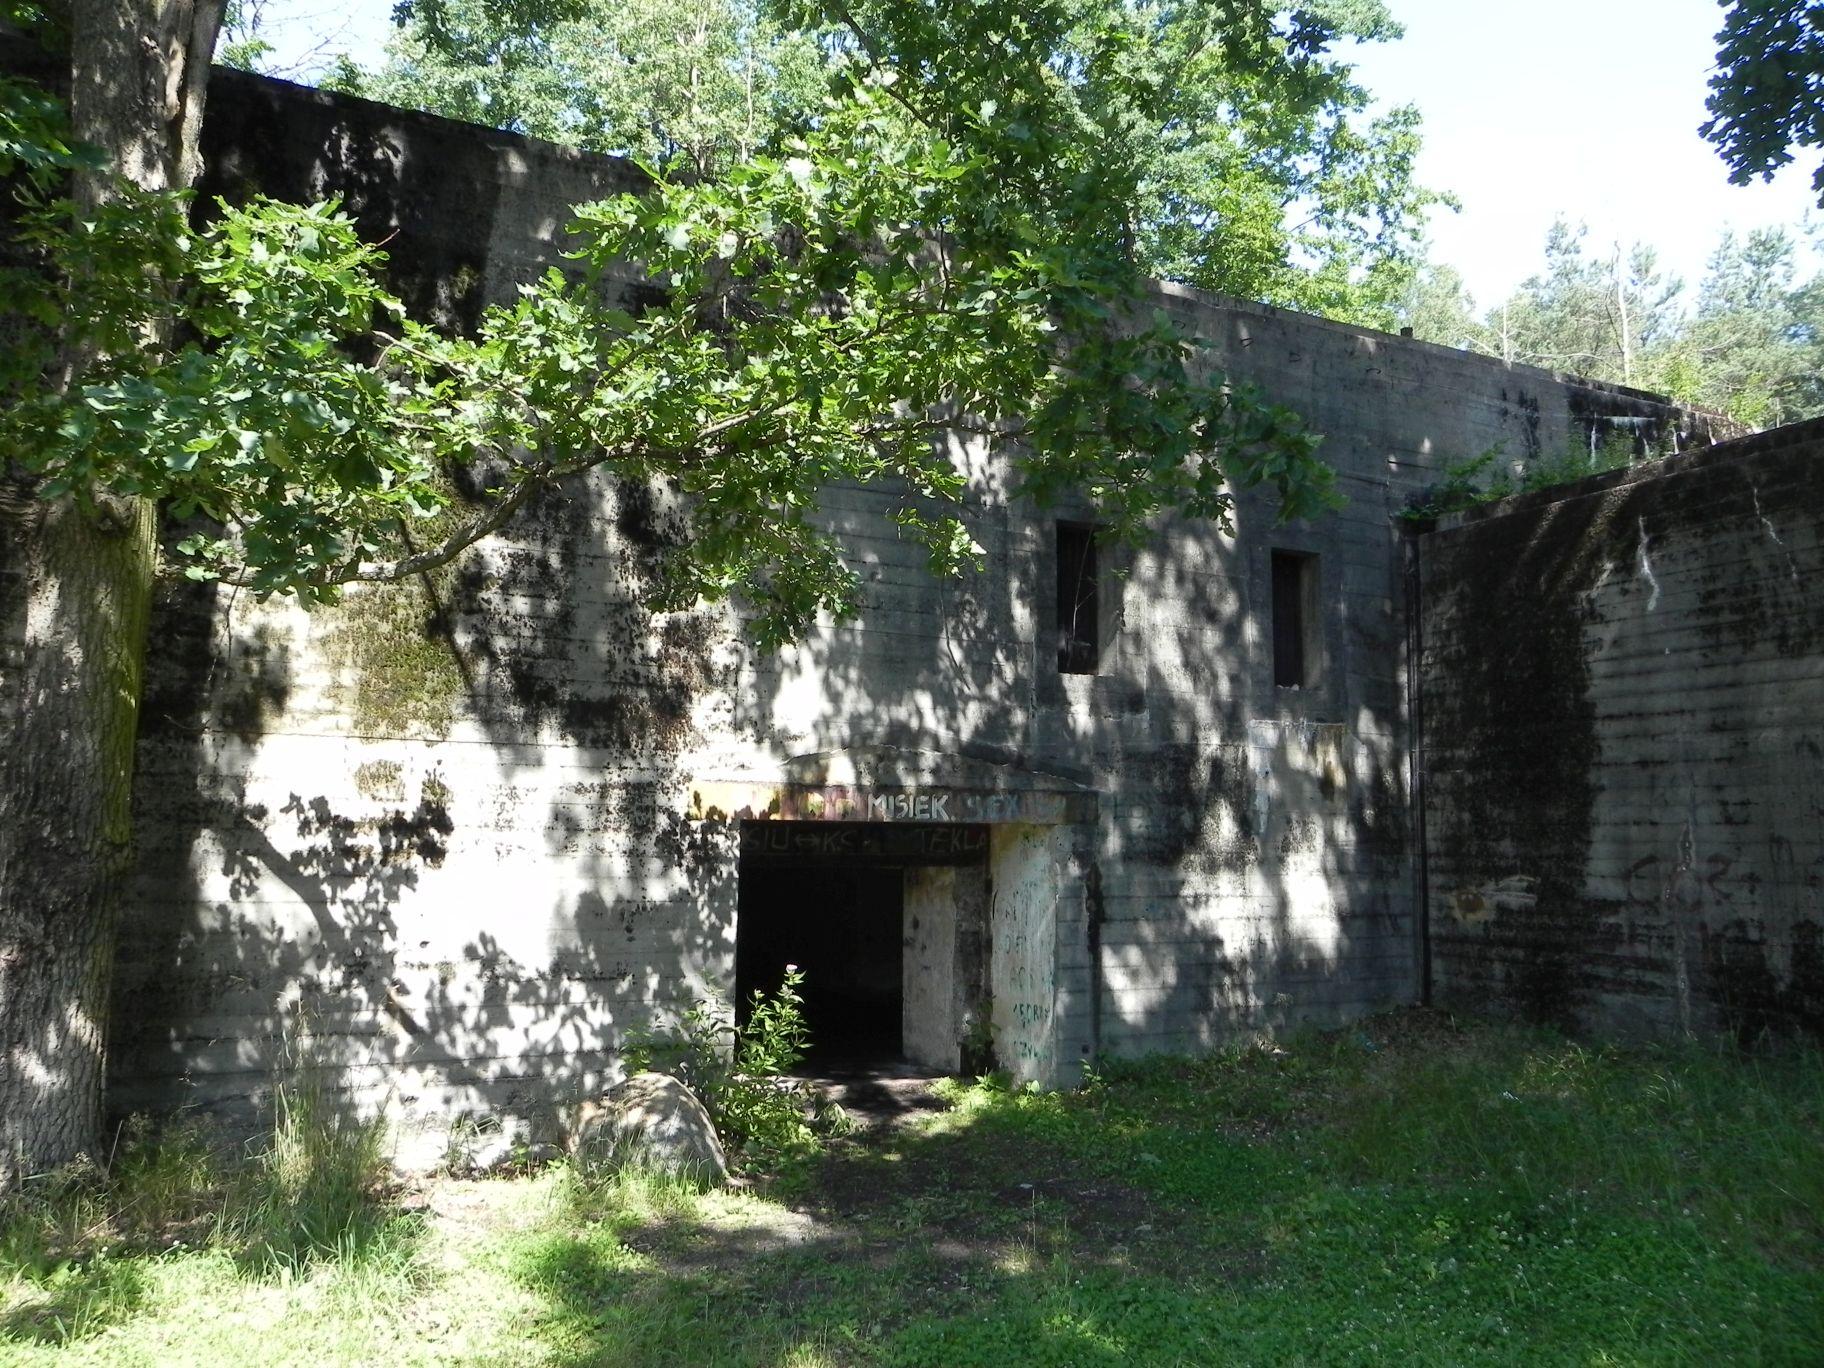 Jeleń - Bunkier Techniczny (80)